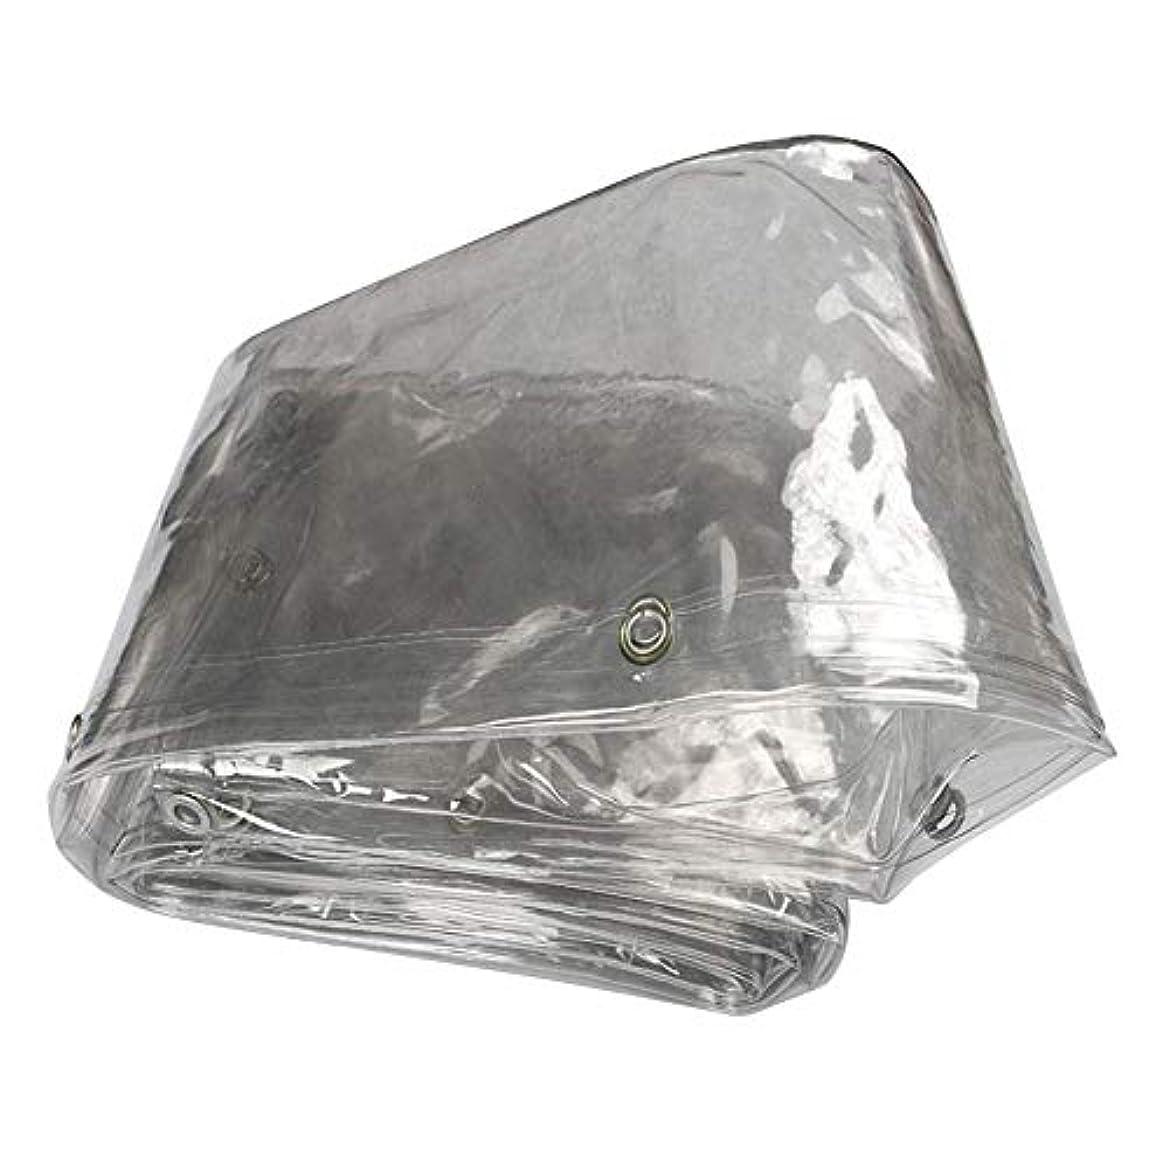 主張するコジオスコ打ち上げるアイレット付き防水シートシート温室防水プールカバーバルコニーブロック雨、クリア、厚さ0.3 mm FENGMIMG (色 : クリア, サイズ さいず : 2.8mx4.8m)